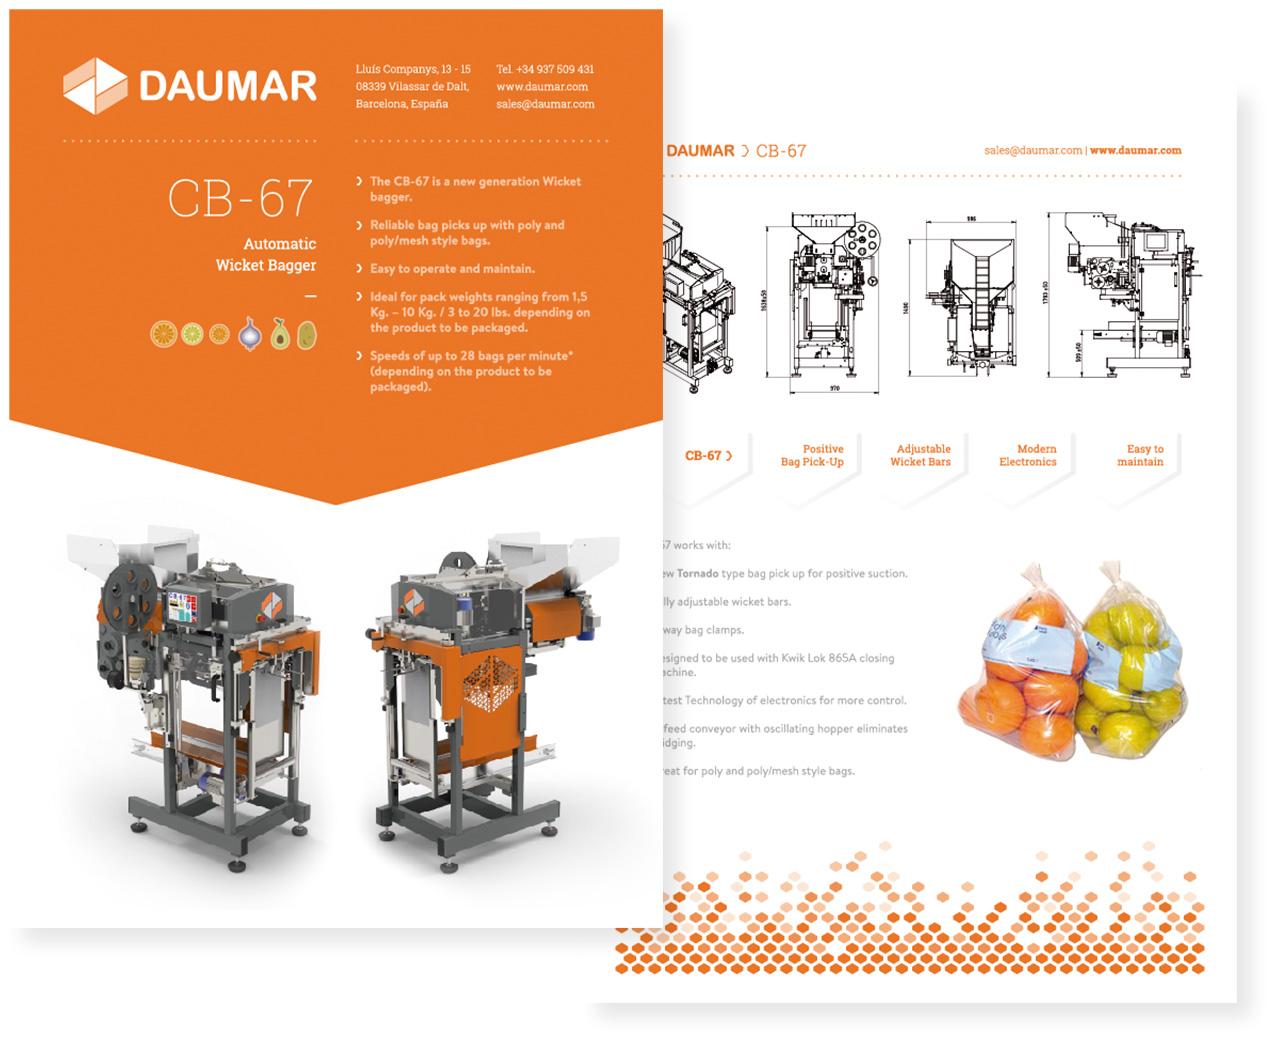 daumar2-2